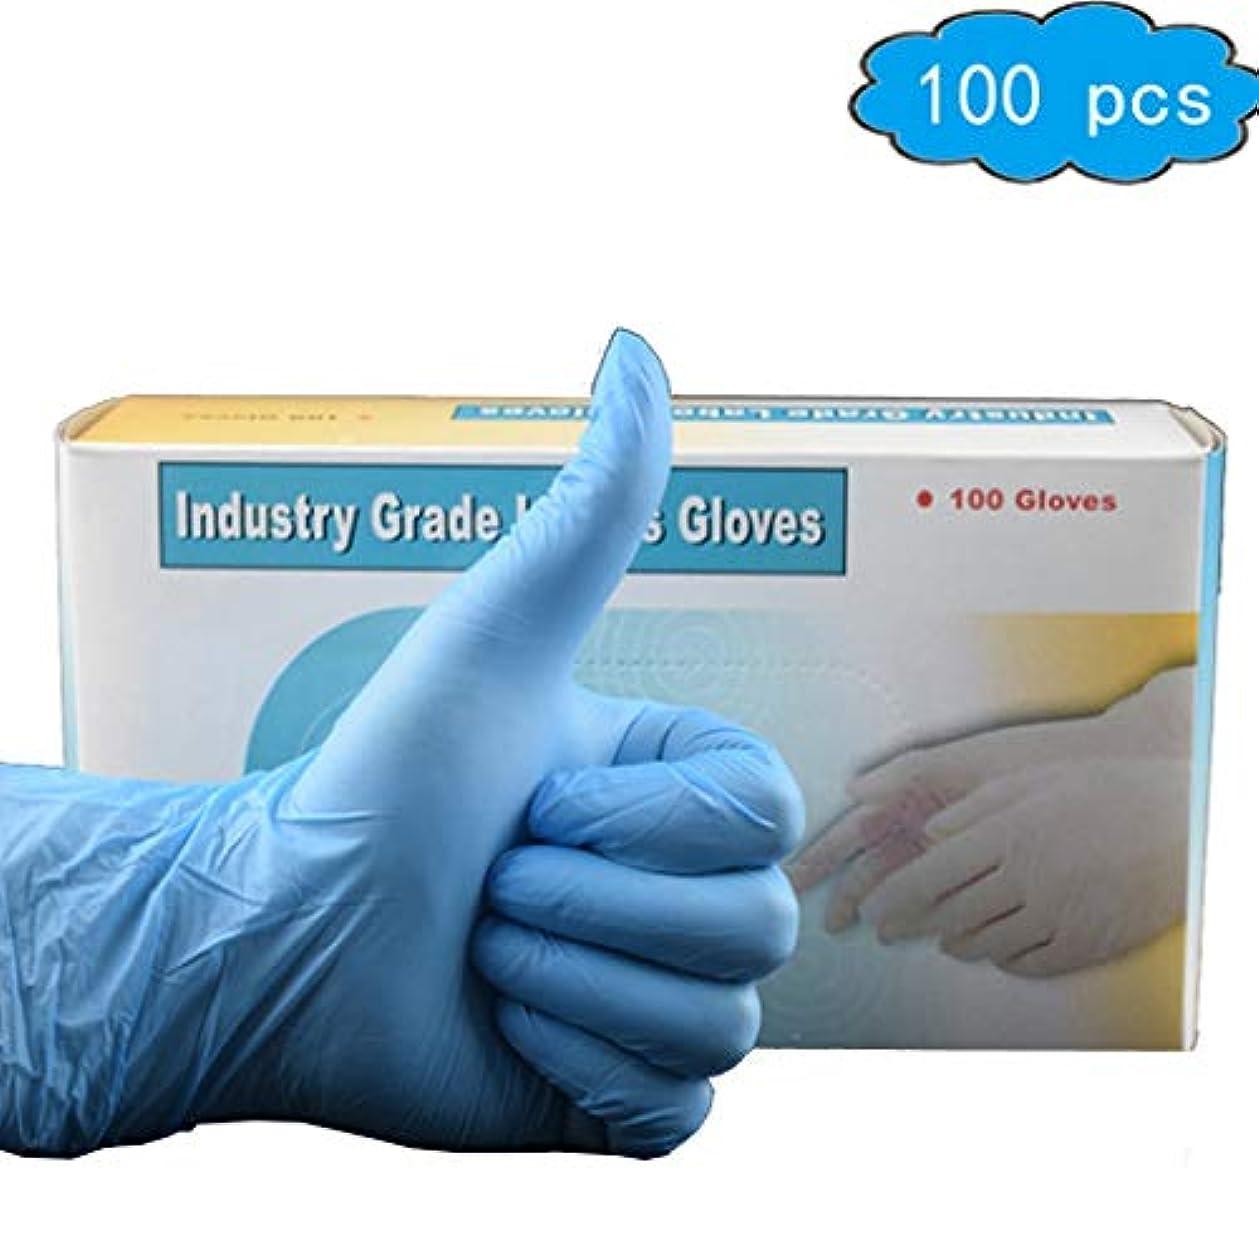 淡い目を覚ます息苦しい使い捨て手袋、子供用使い捨て手袋、子供用ニトリル手袋 - 粉末なし、ラテックスなし、無臭、食品等級、アレルギー、質感のある指 - 100PCSブルー (Color : Blue, Size : M)